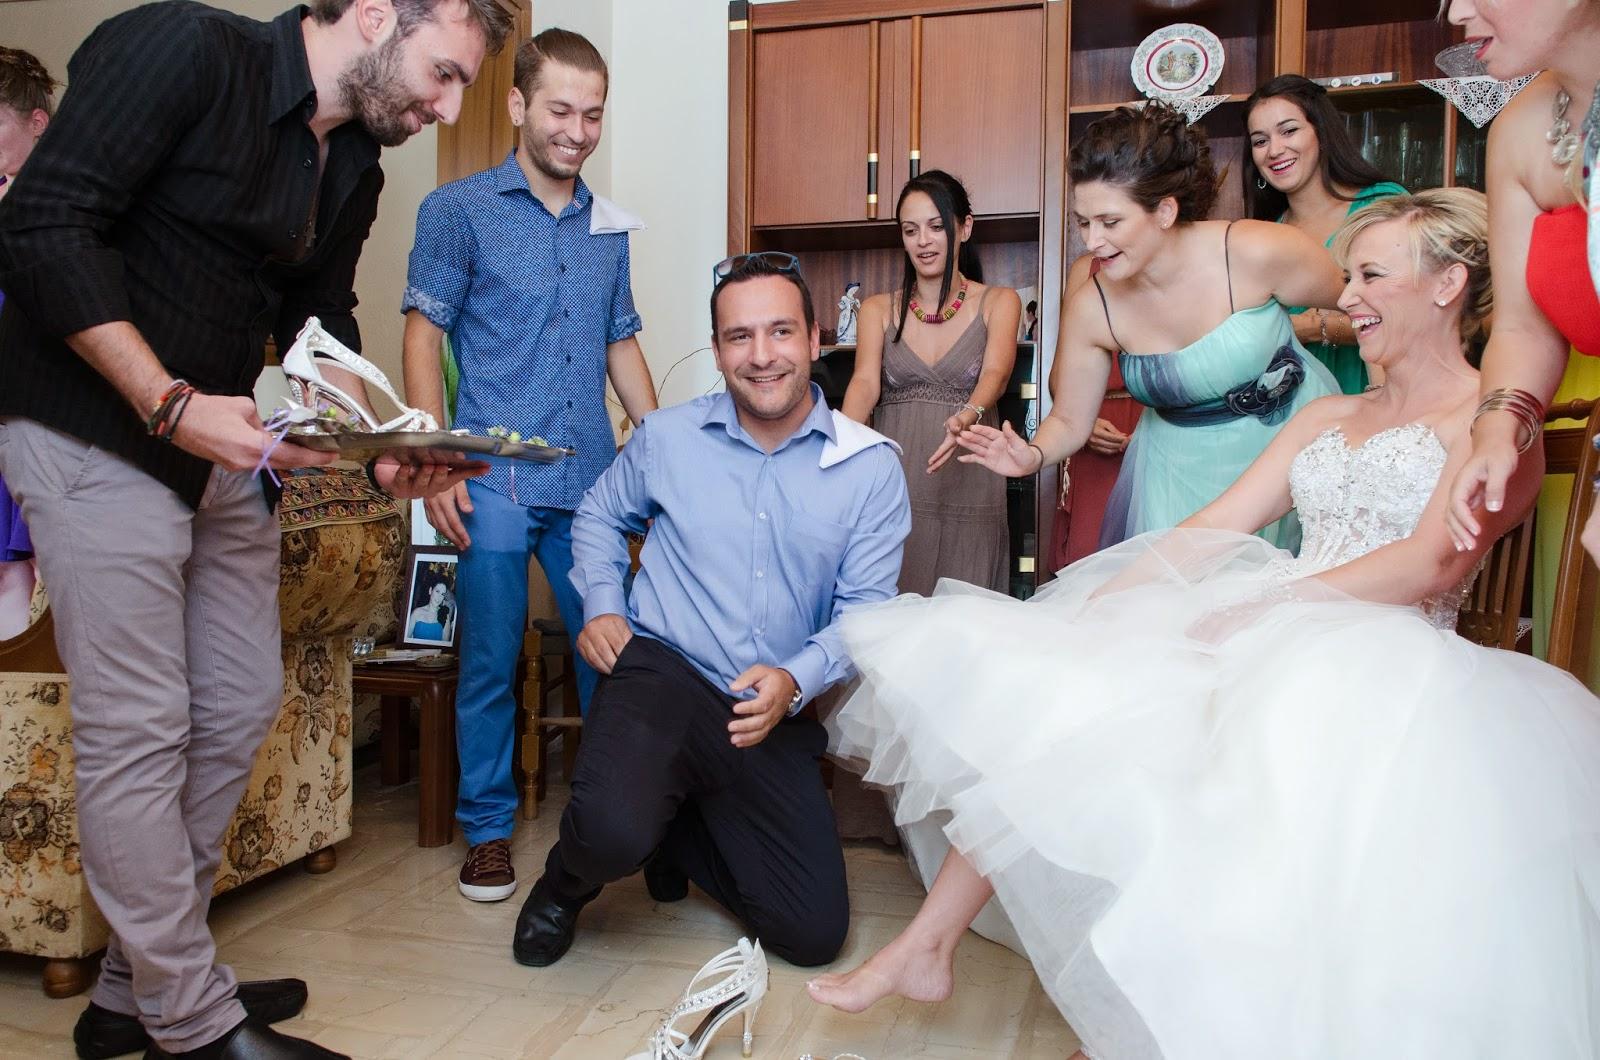 HochzeitstagAblaufTeil 1  Alpha mega